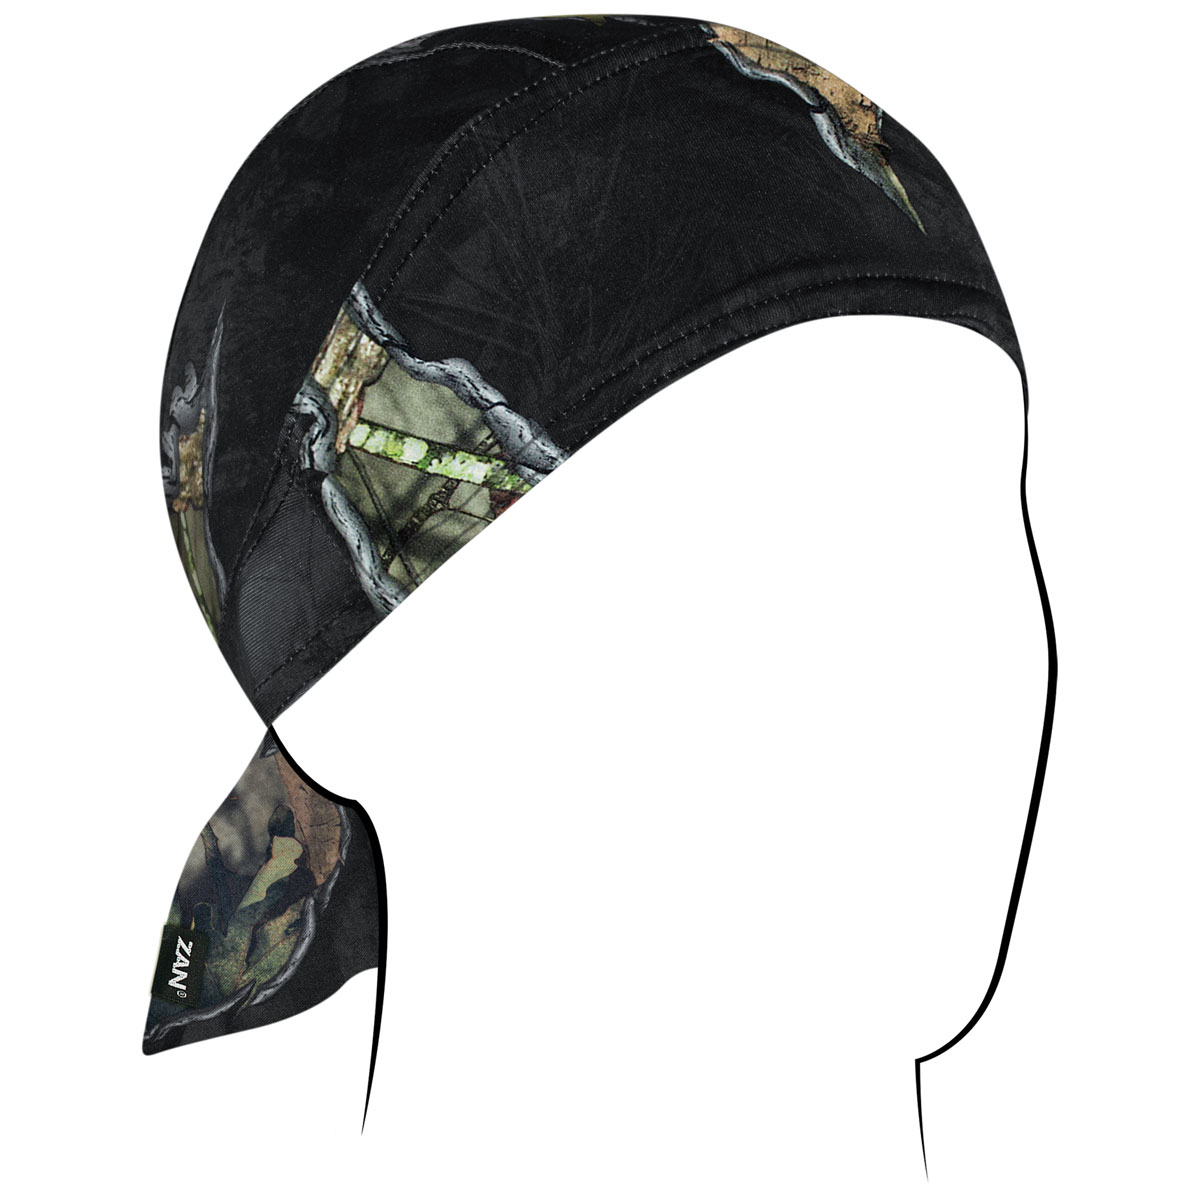 ZAN headgear Mossy Oak Break-up Eclipse Polyester Flydanna with Sweatband